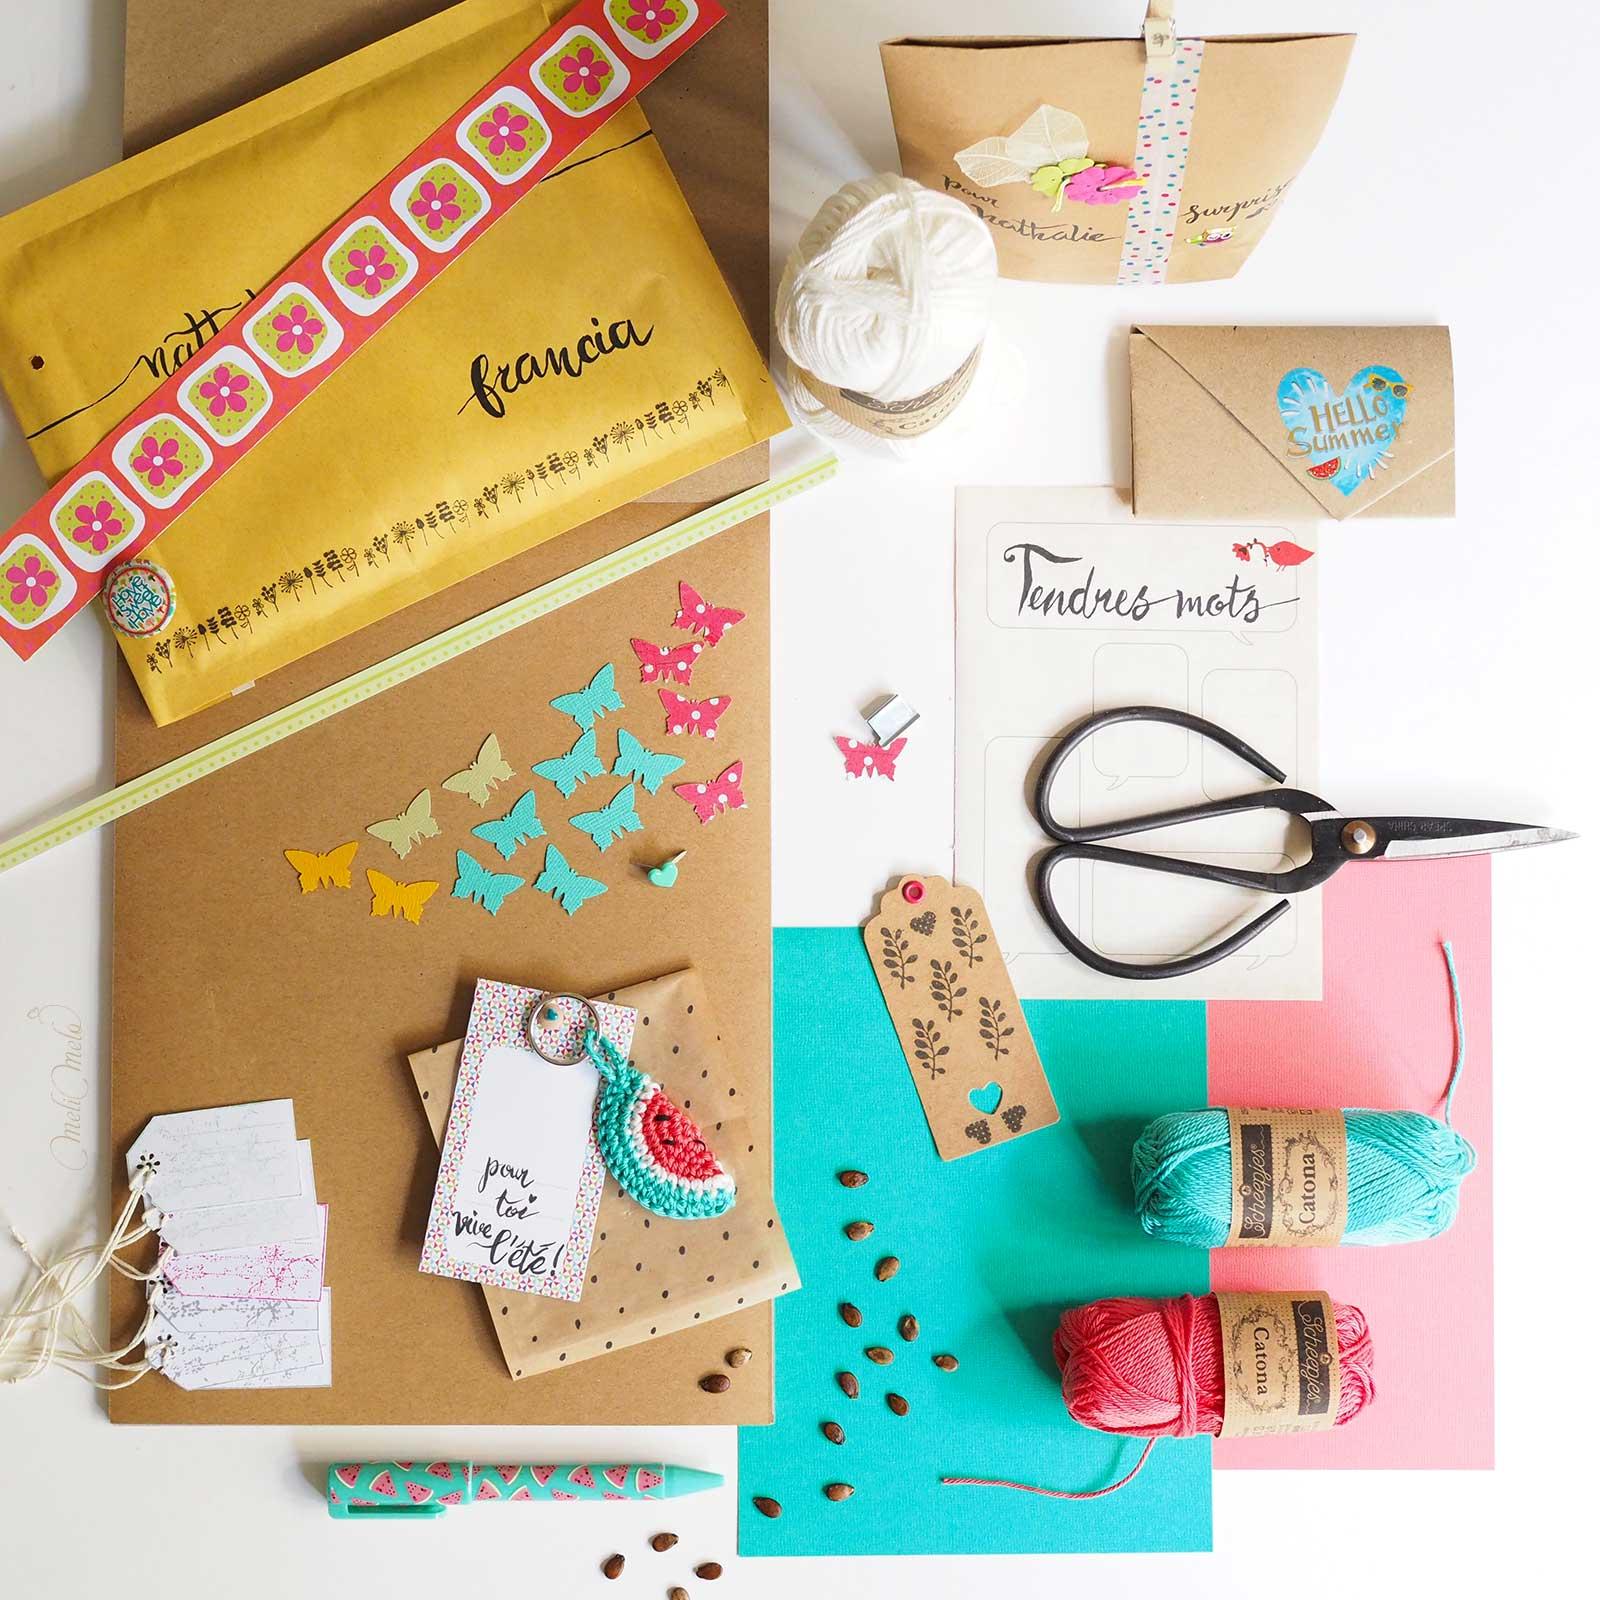 courrier swap snail mail inspiration pastèque watermelon summer Scheepjes catona cotton laboutiquedemelimelo